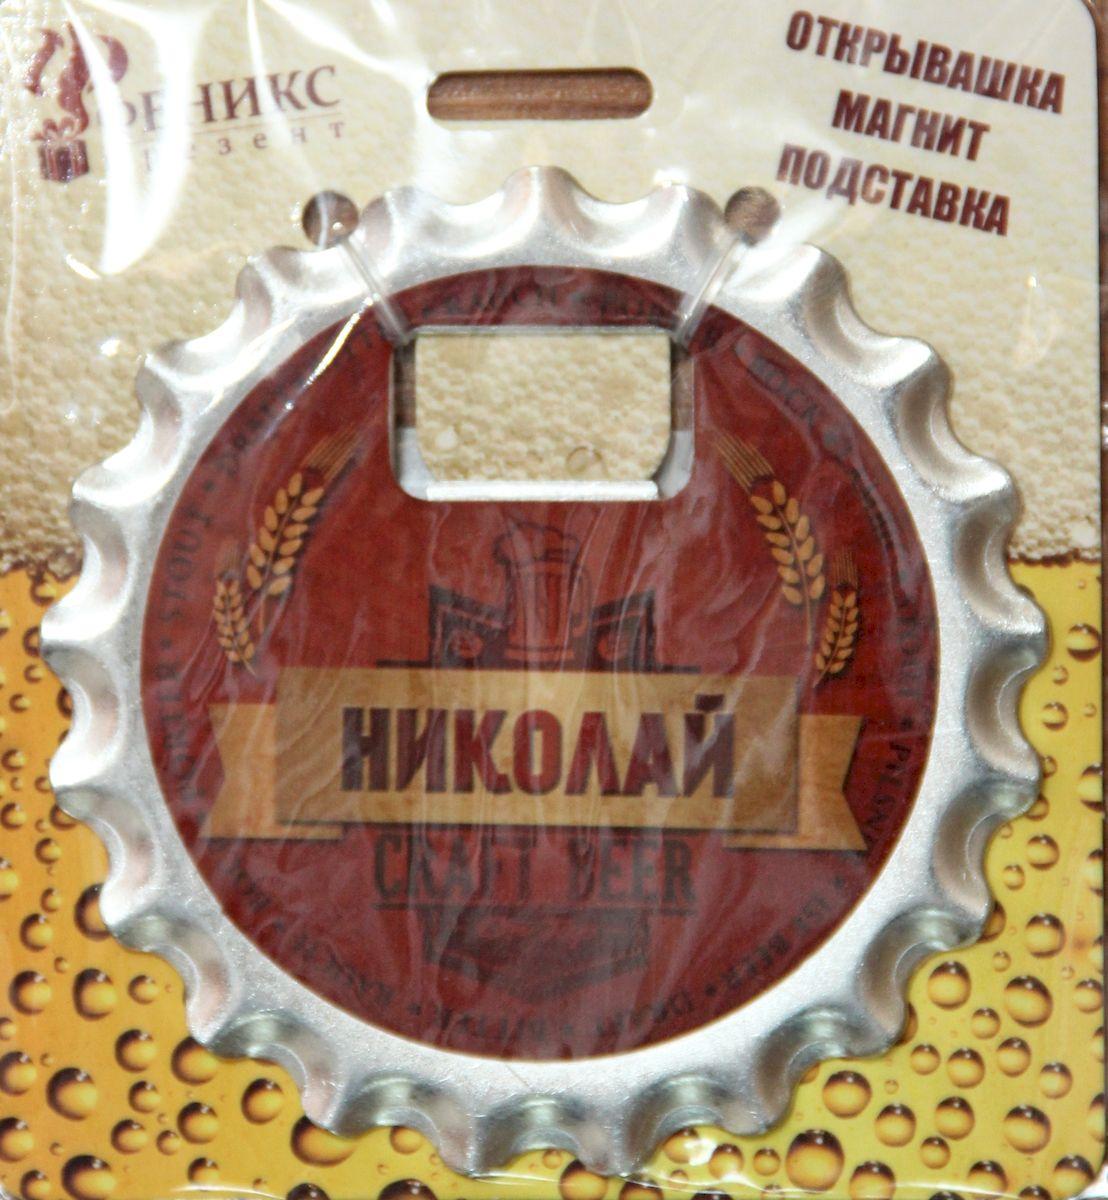 Ключ для открывания бутылок Magic Home Николай, с магнитом41215Ключ для открывания бутылок - это полезный и нужный прибор в каждом доме. Он представляет собой подставку под пивной стакан с отверстием для удобного снятия металлических пробок с бутылок. Лицевая сторона украшена оригинальным изображением, а на оборотной стороне закреплены магнит и три пробковые вставки для защиты поверхности стола от повреждений. Изделие выполнено из оцинкованного металла.